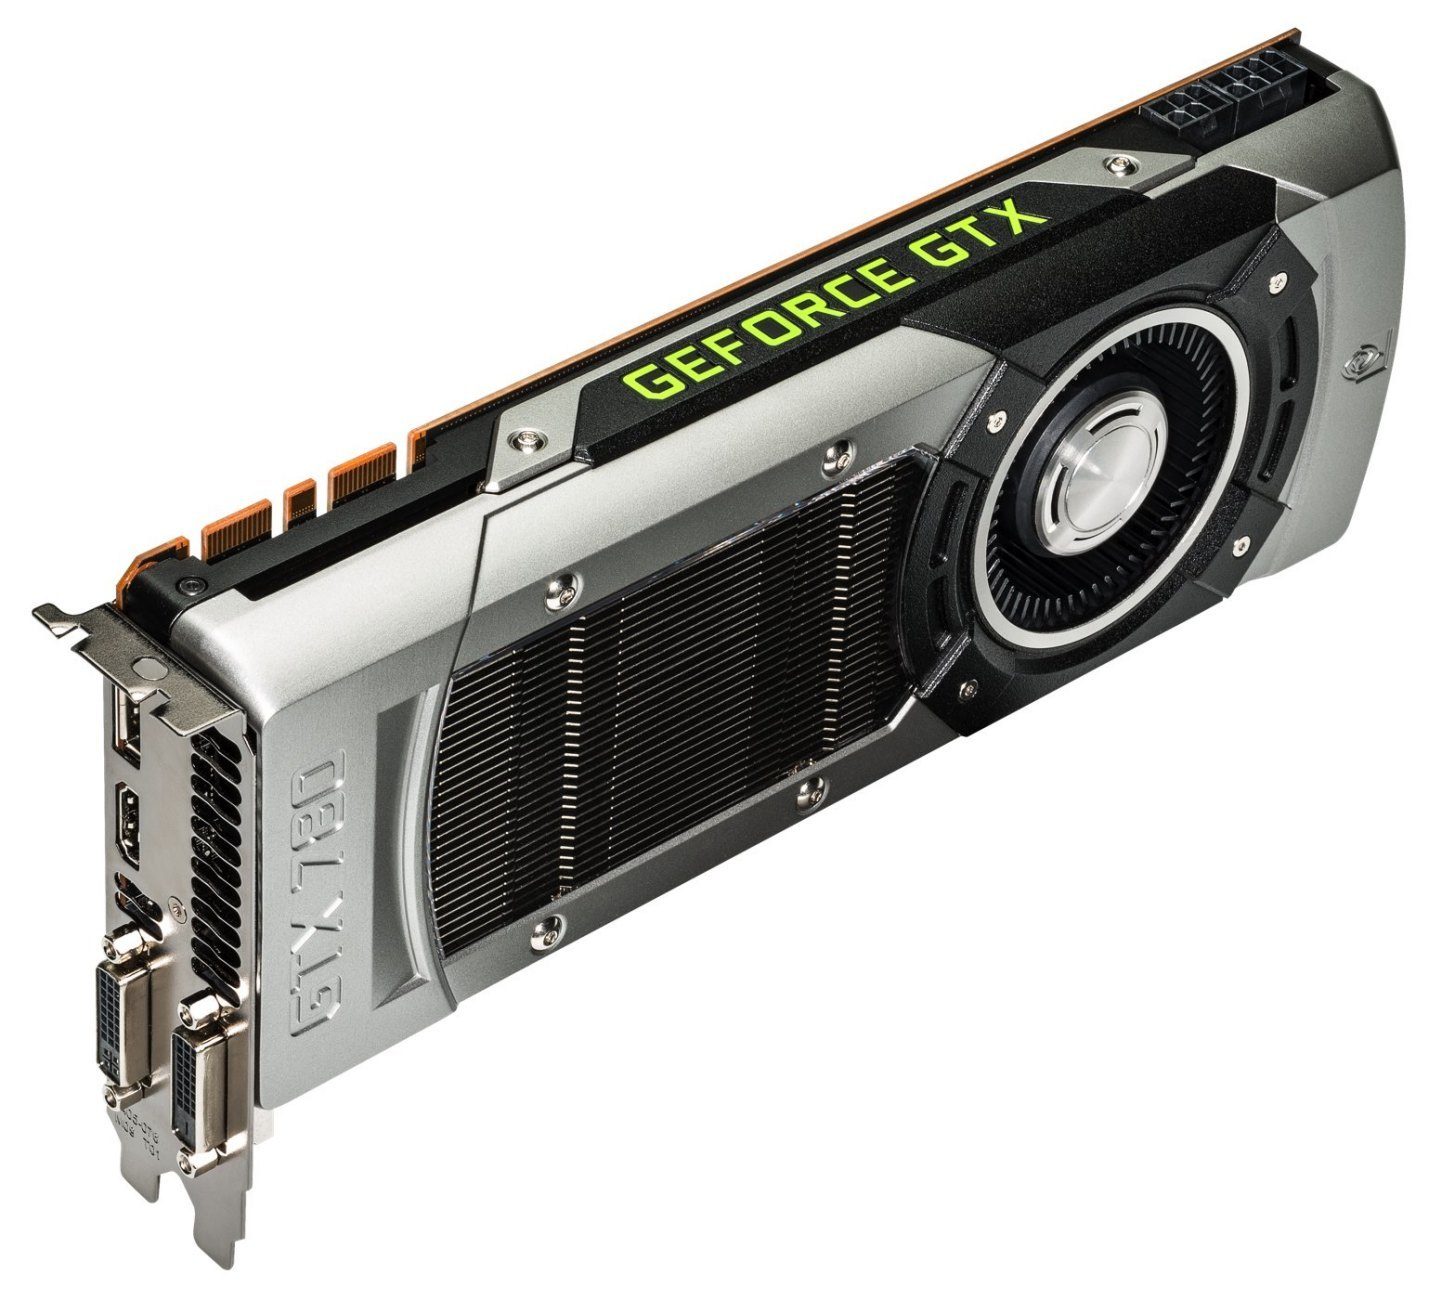 NVidia GTX 780, imágenes oficiales